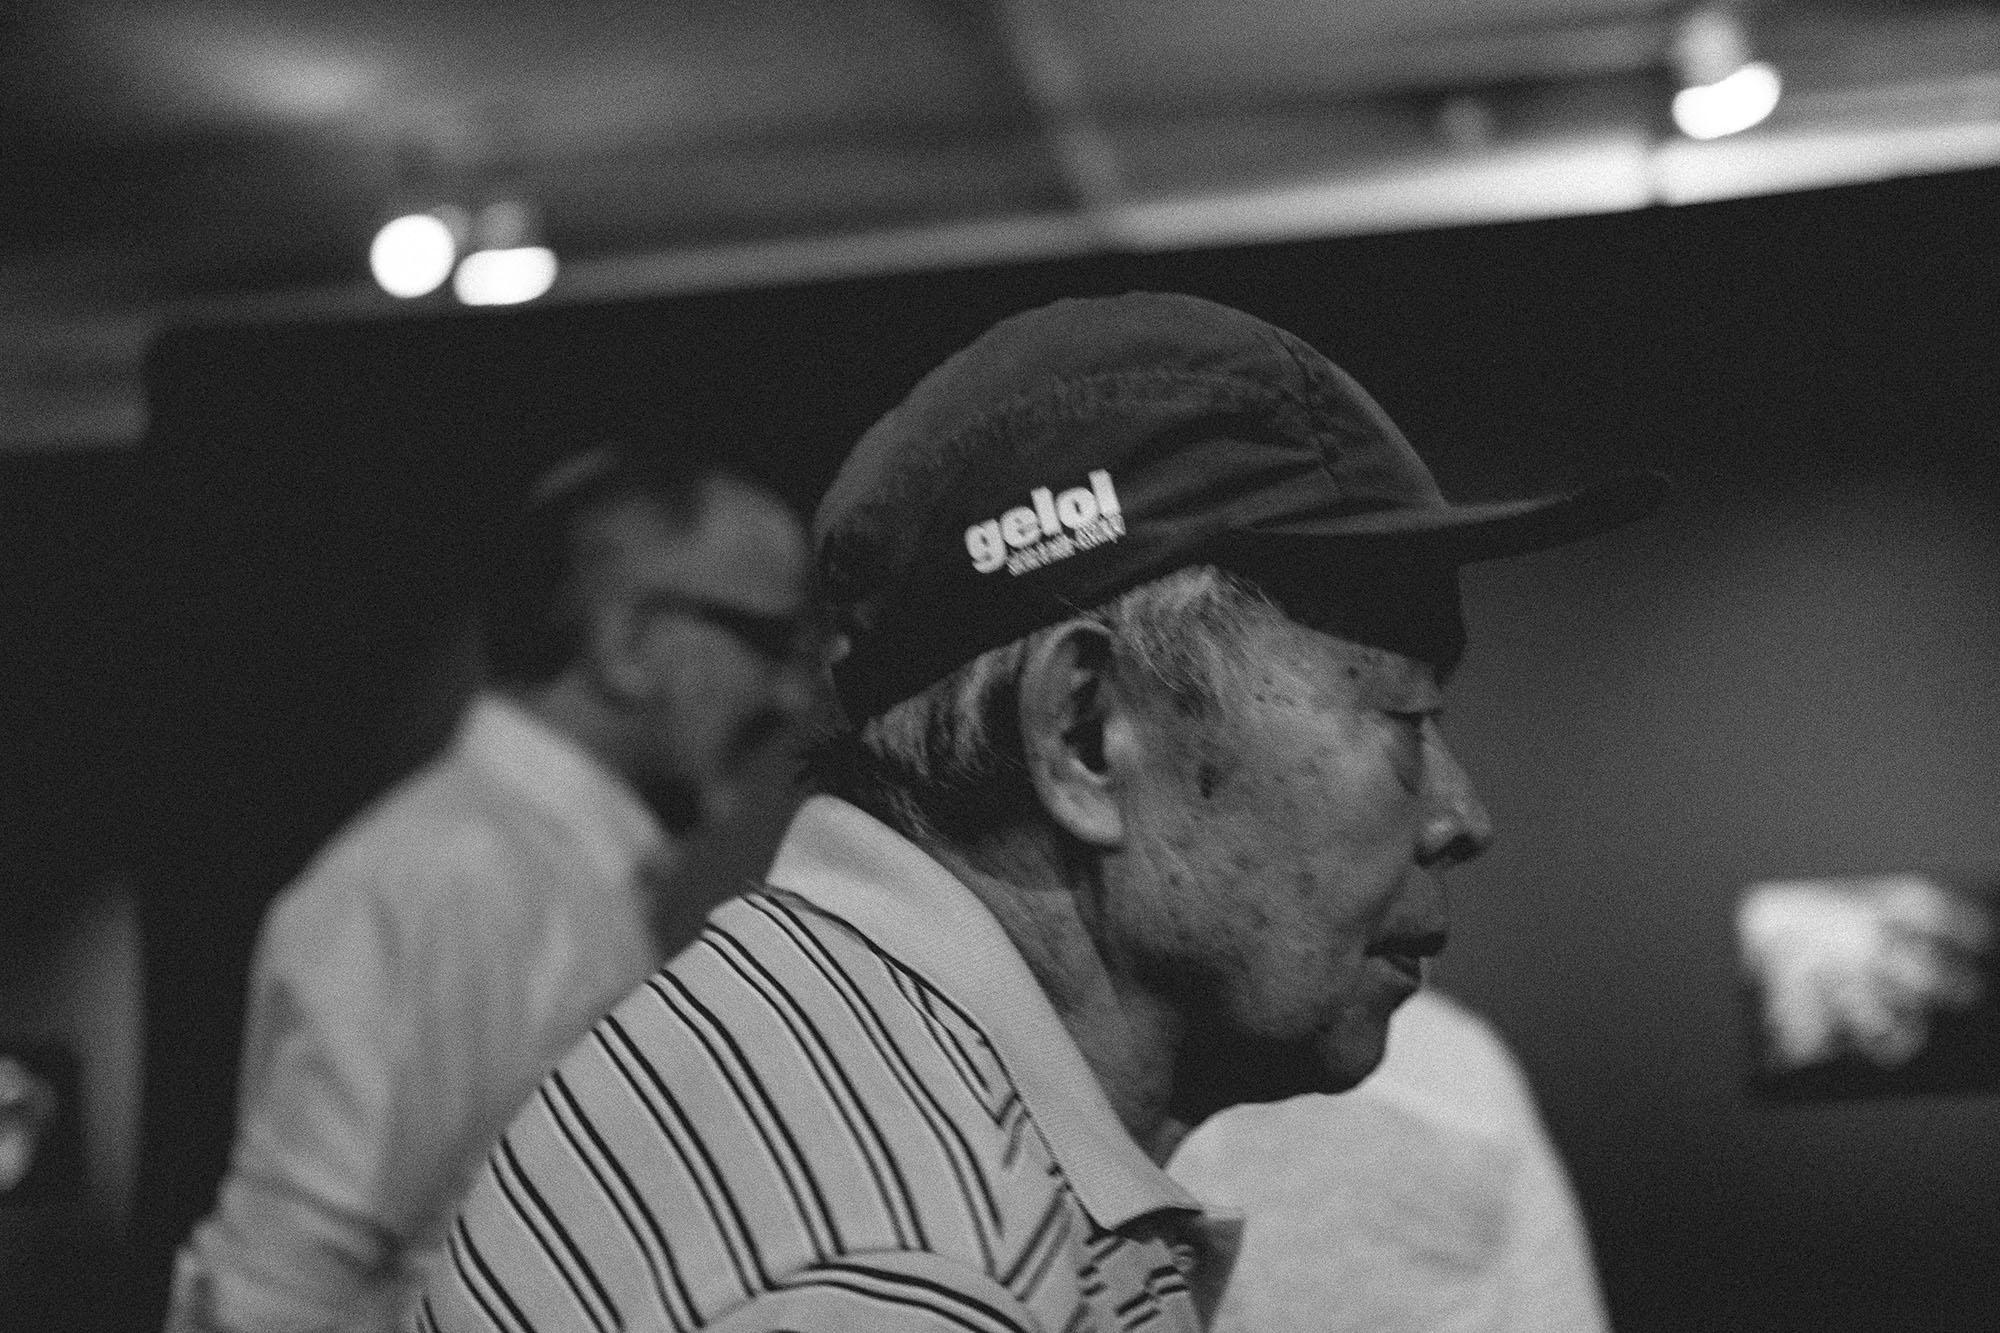 Visões-de-um-poema-sujo : exposição-lançamento-livro : Márcio Vasconcelos : Gustavo Semeghini : Blog -030.jpg